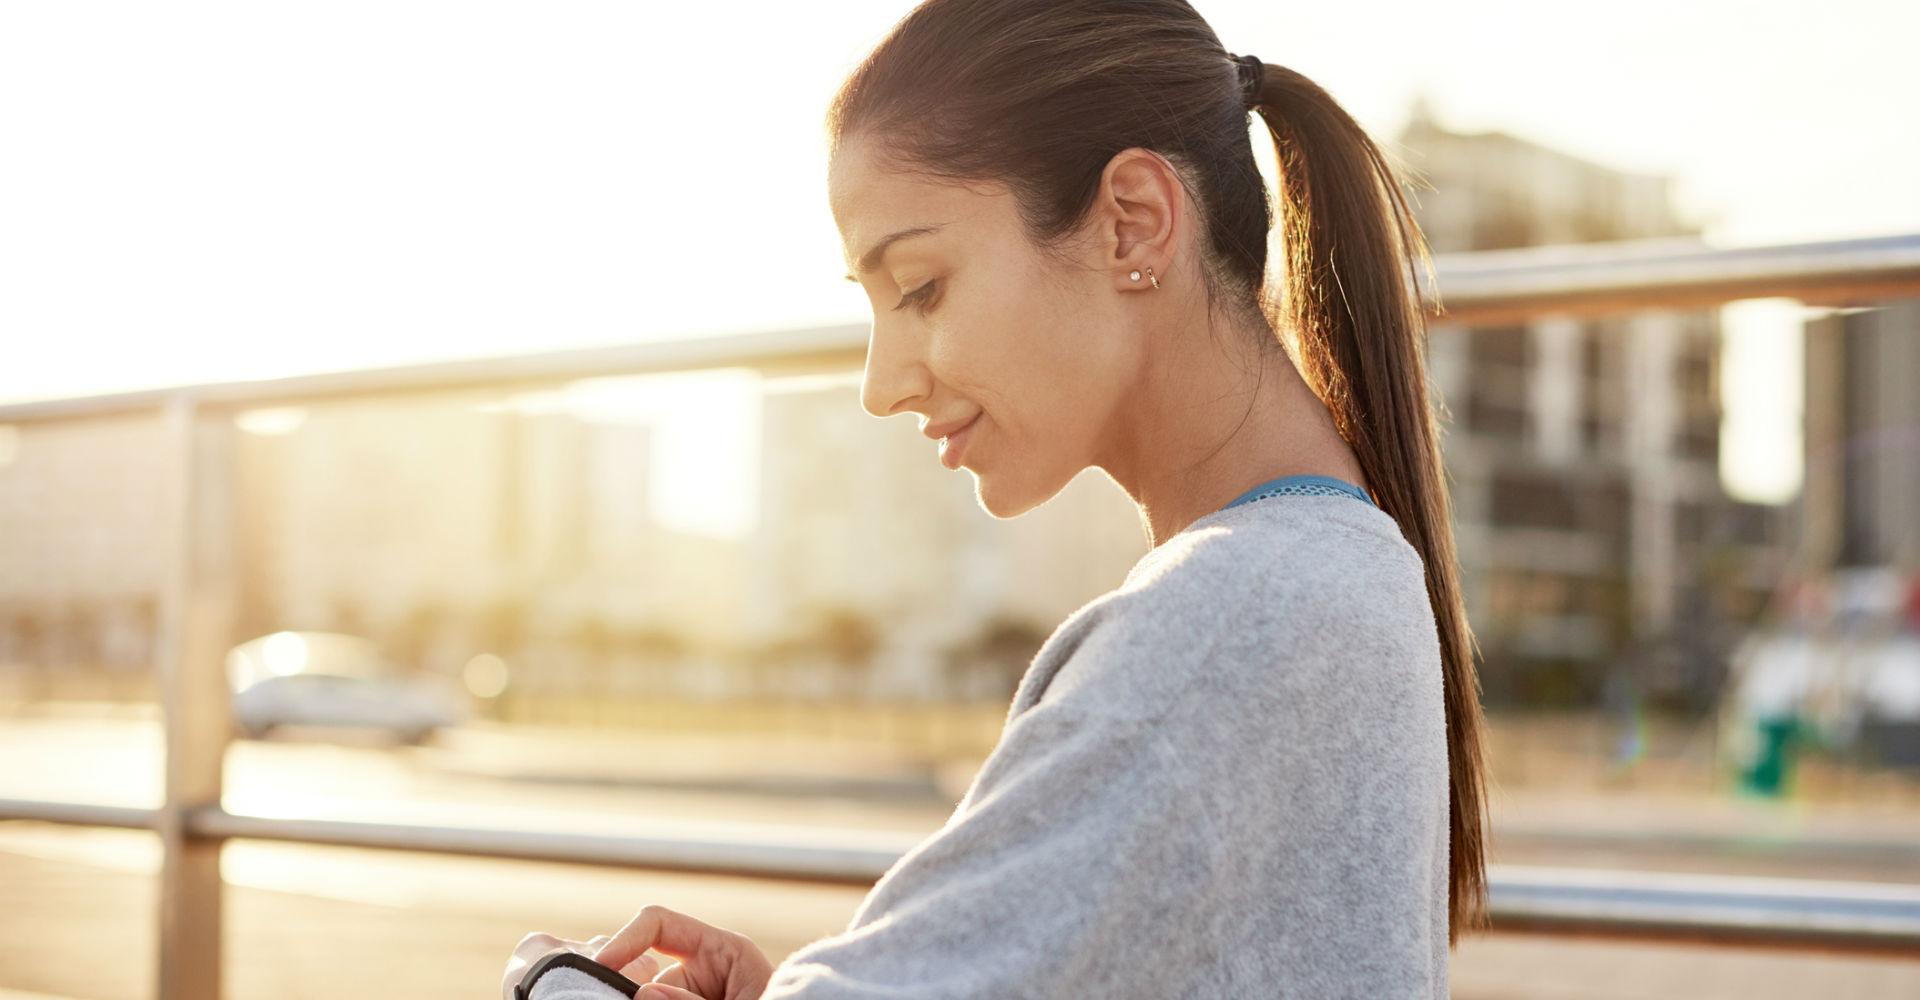 Junge Frau tippt auf das Display ihres Fitbit-Trackers.